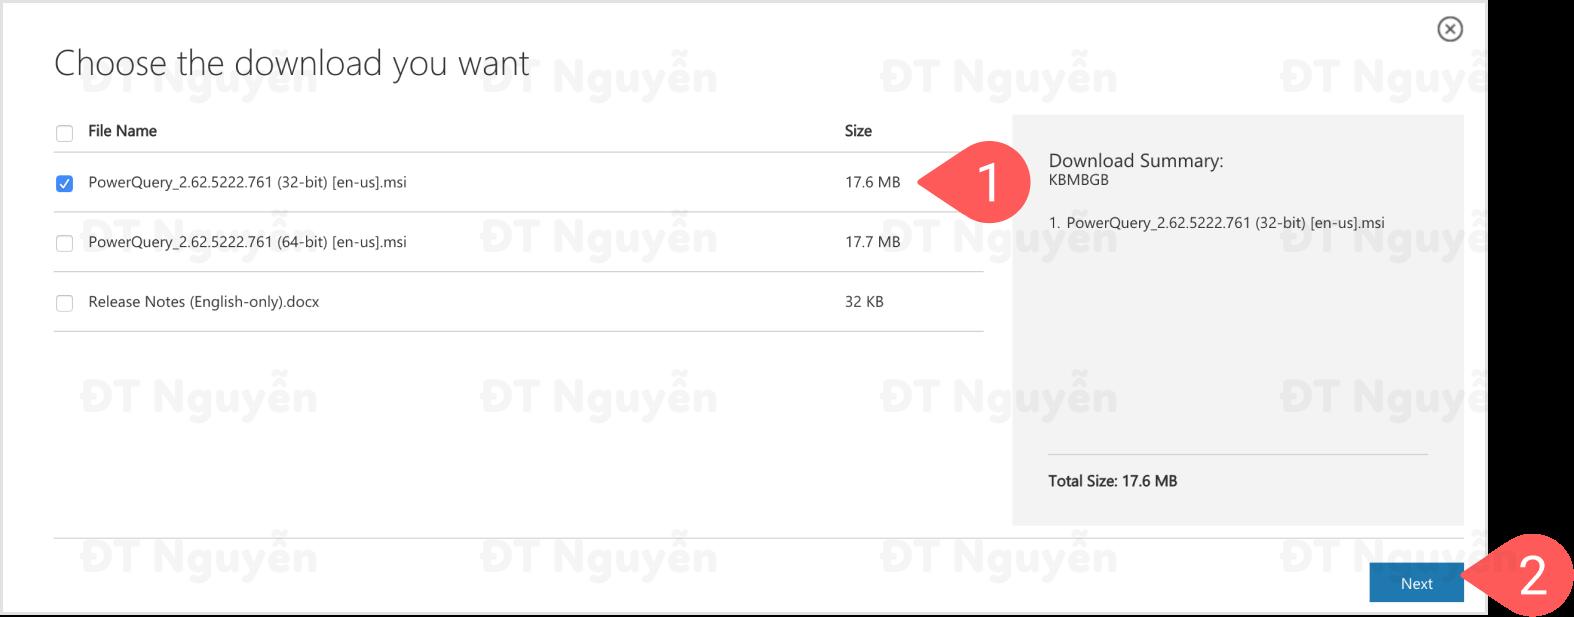 Chọn đúng phiên bản Power Query để download và cài đặt